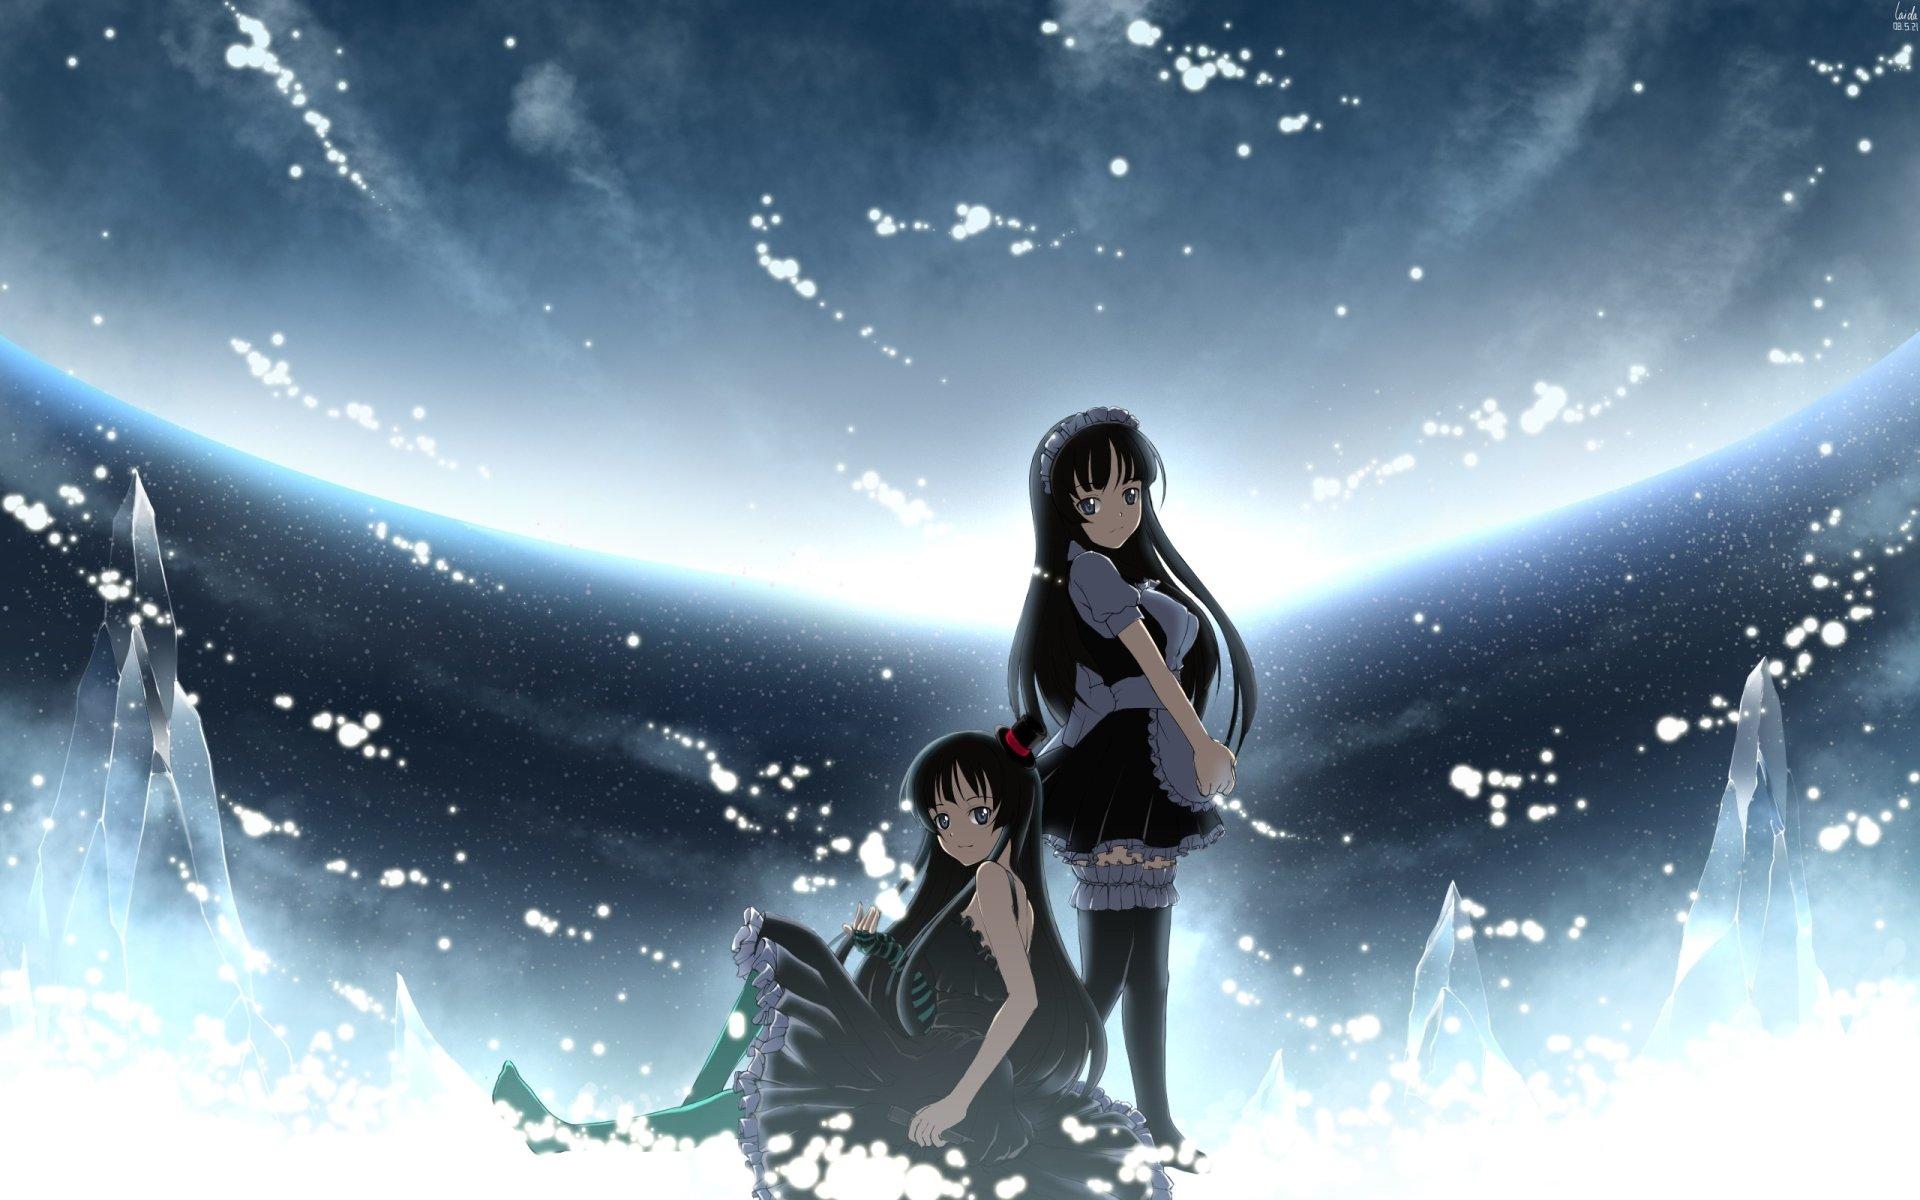 Anime - K-ON!  Mio Akiyama Wallpaper